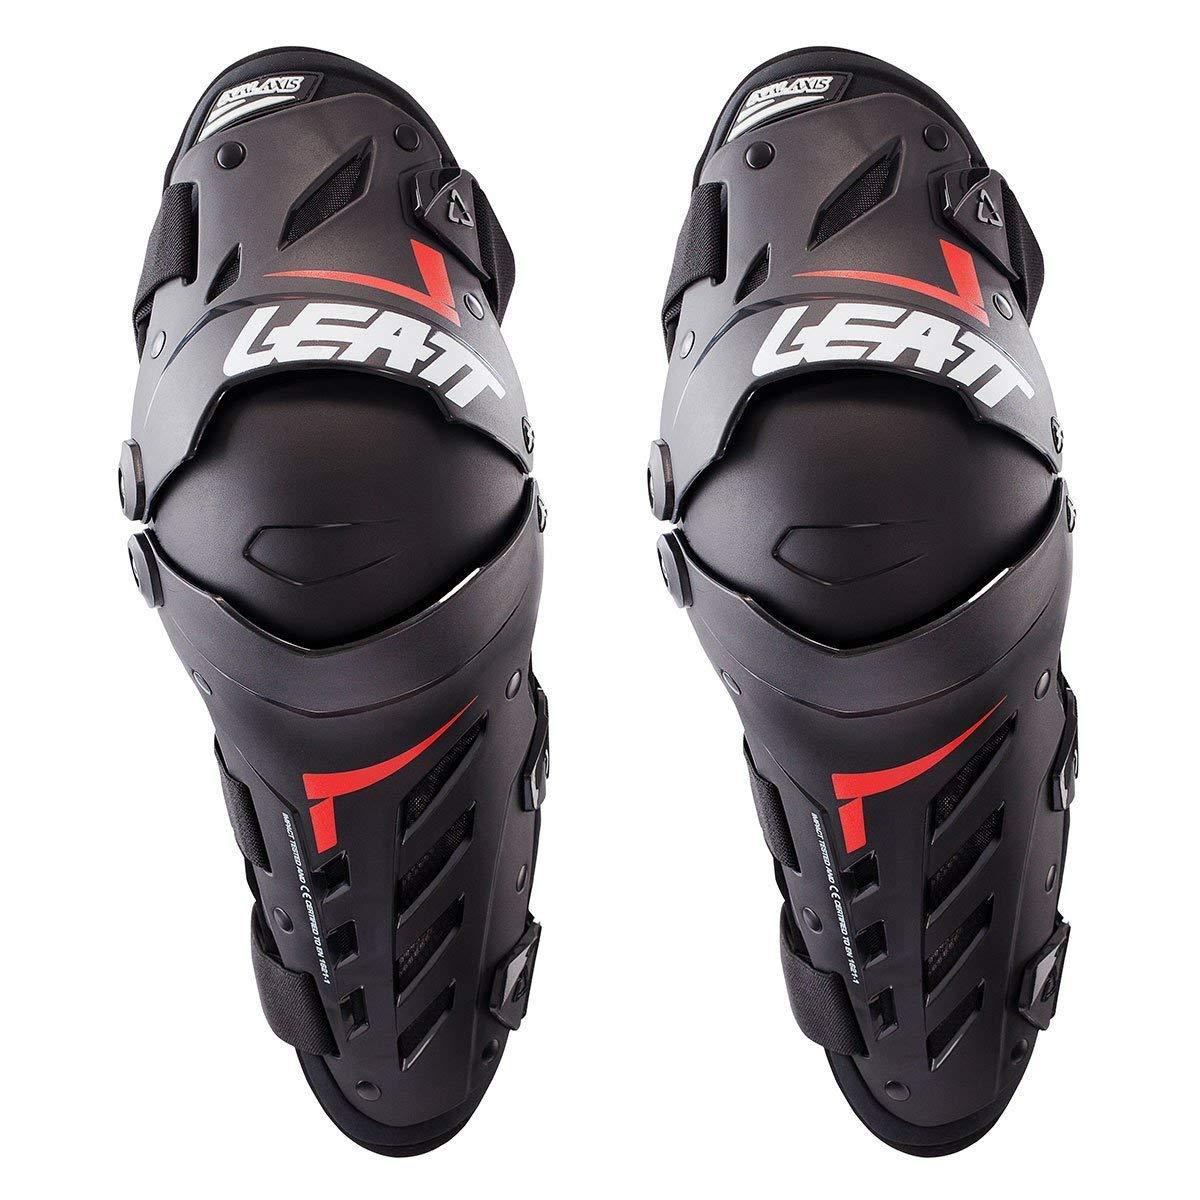 Leatt Black Small/Medium Knee & Shin Guard Dual Axis,1 Pack